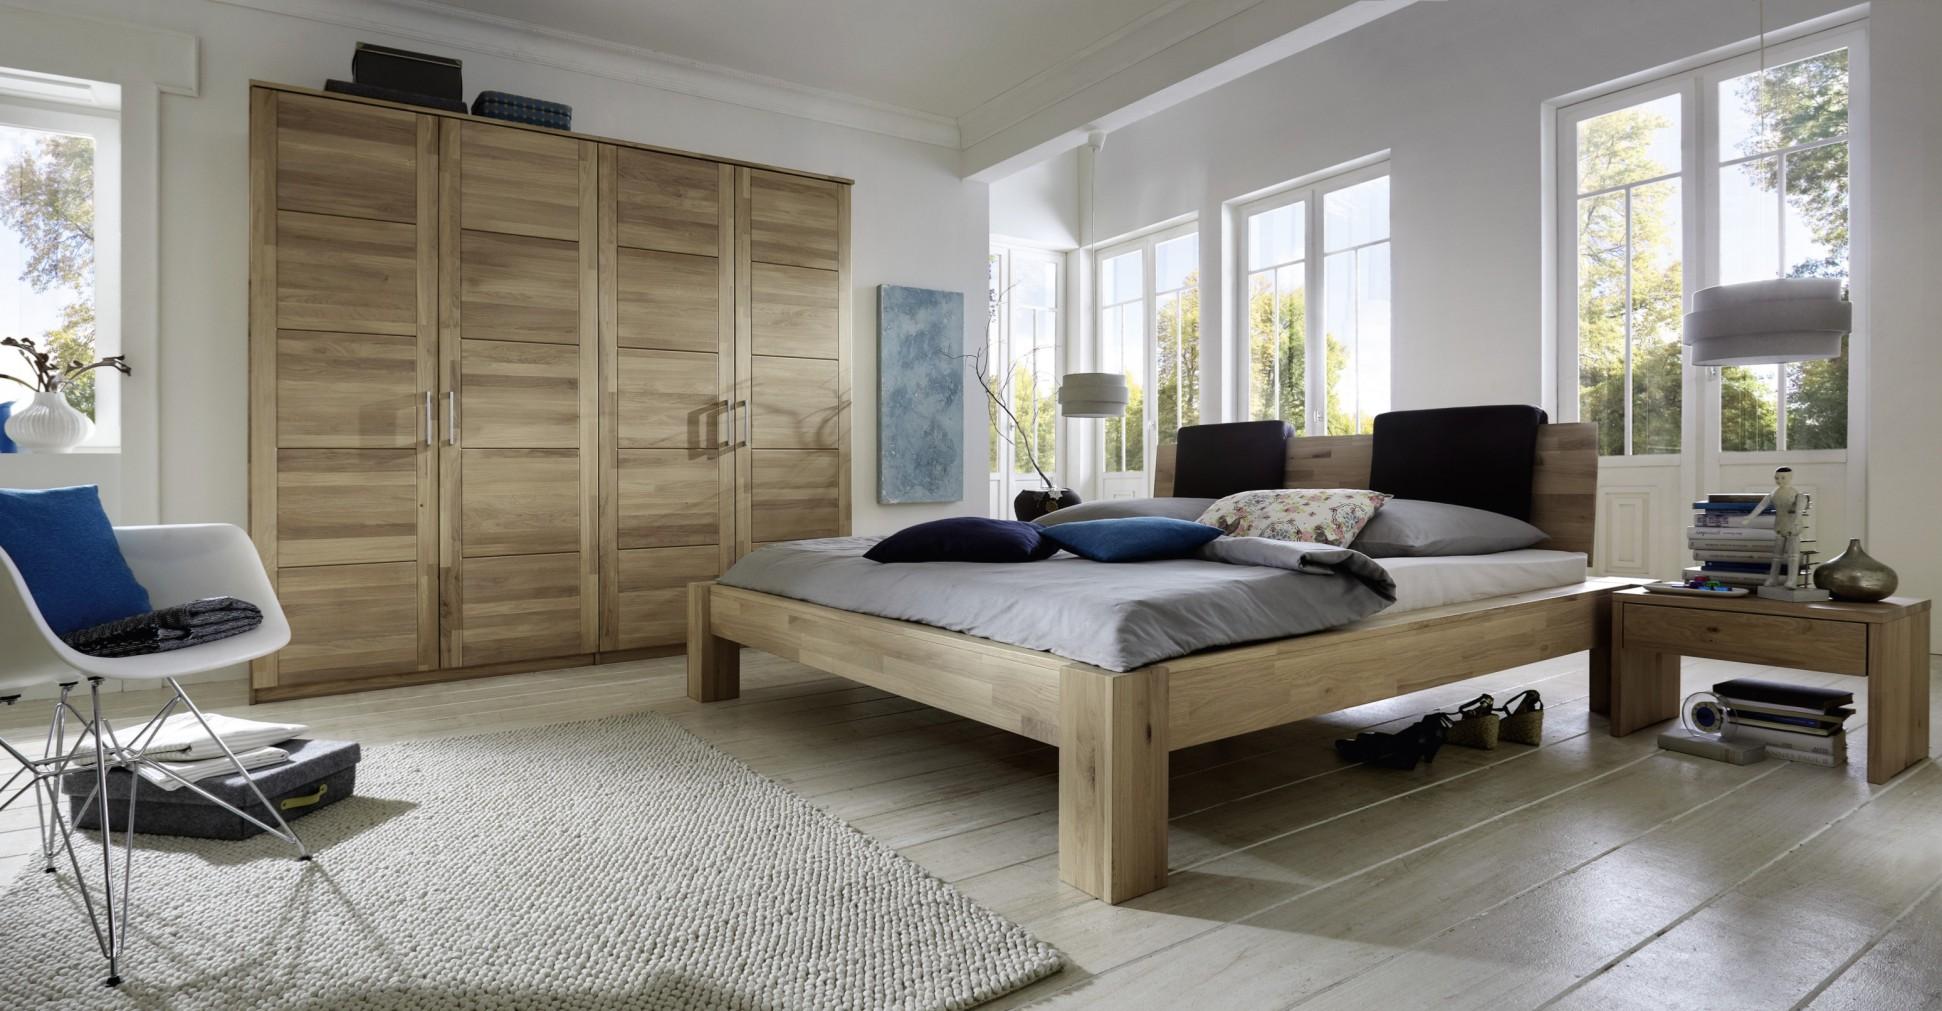 Germanflexdiewohnidee naturbelassene massivholz schlafzimmer zu ...